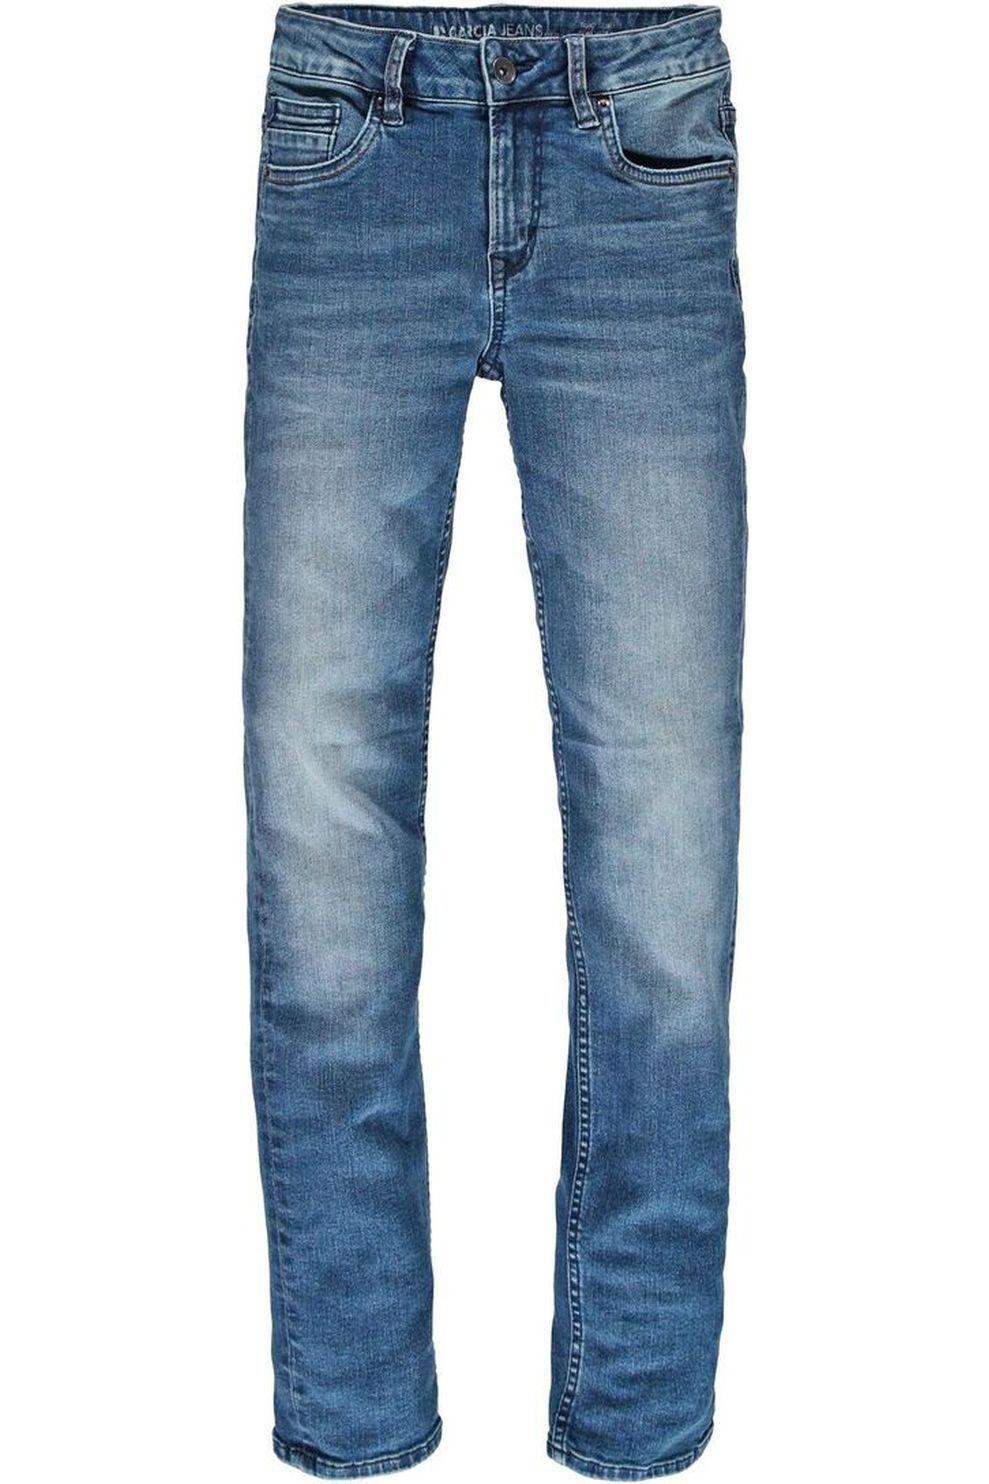 Garcia Jeans 335 voor jongens - Denim - Blauw - Maten: 140, 152, 158, 164, 170, 176